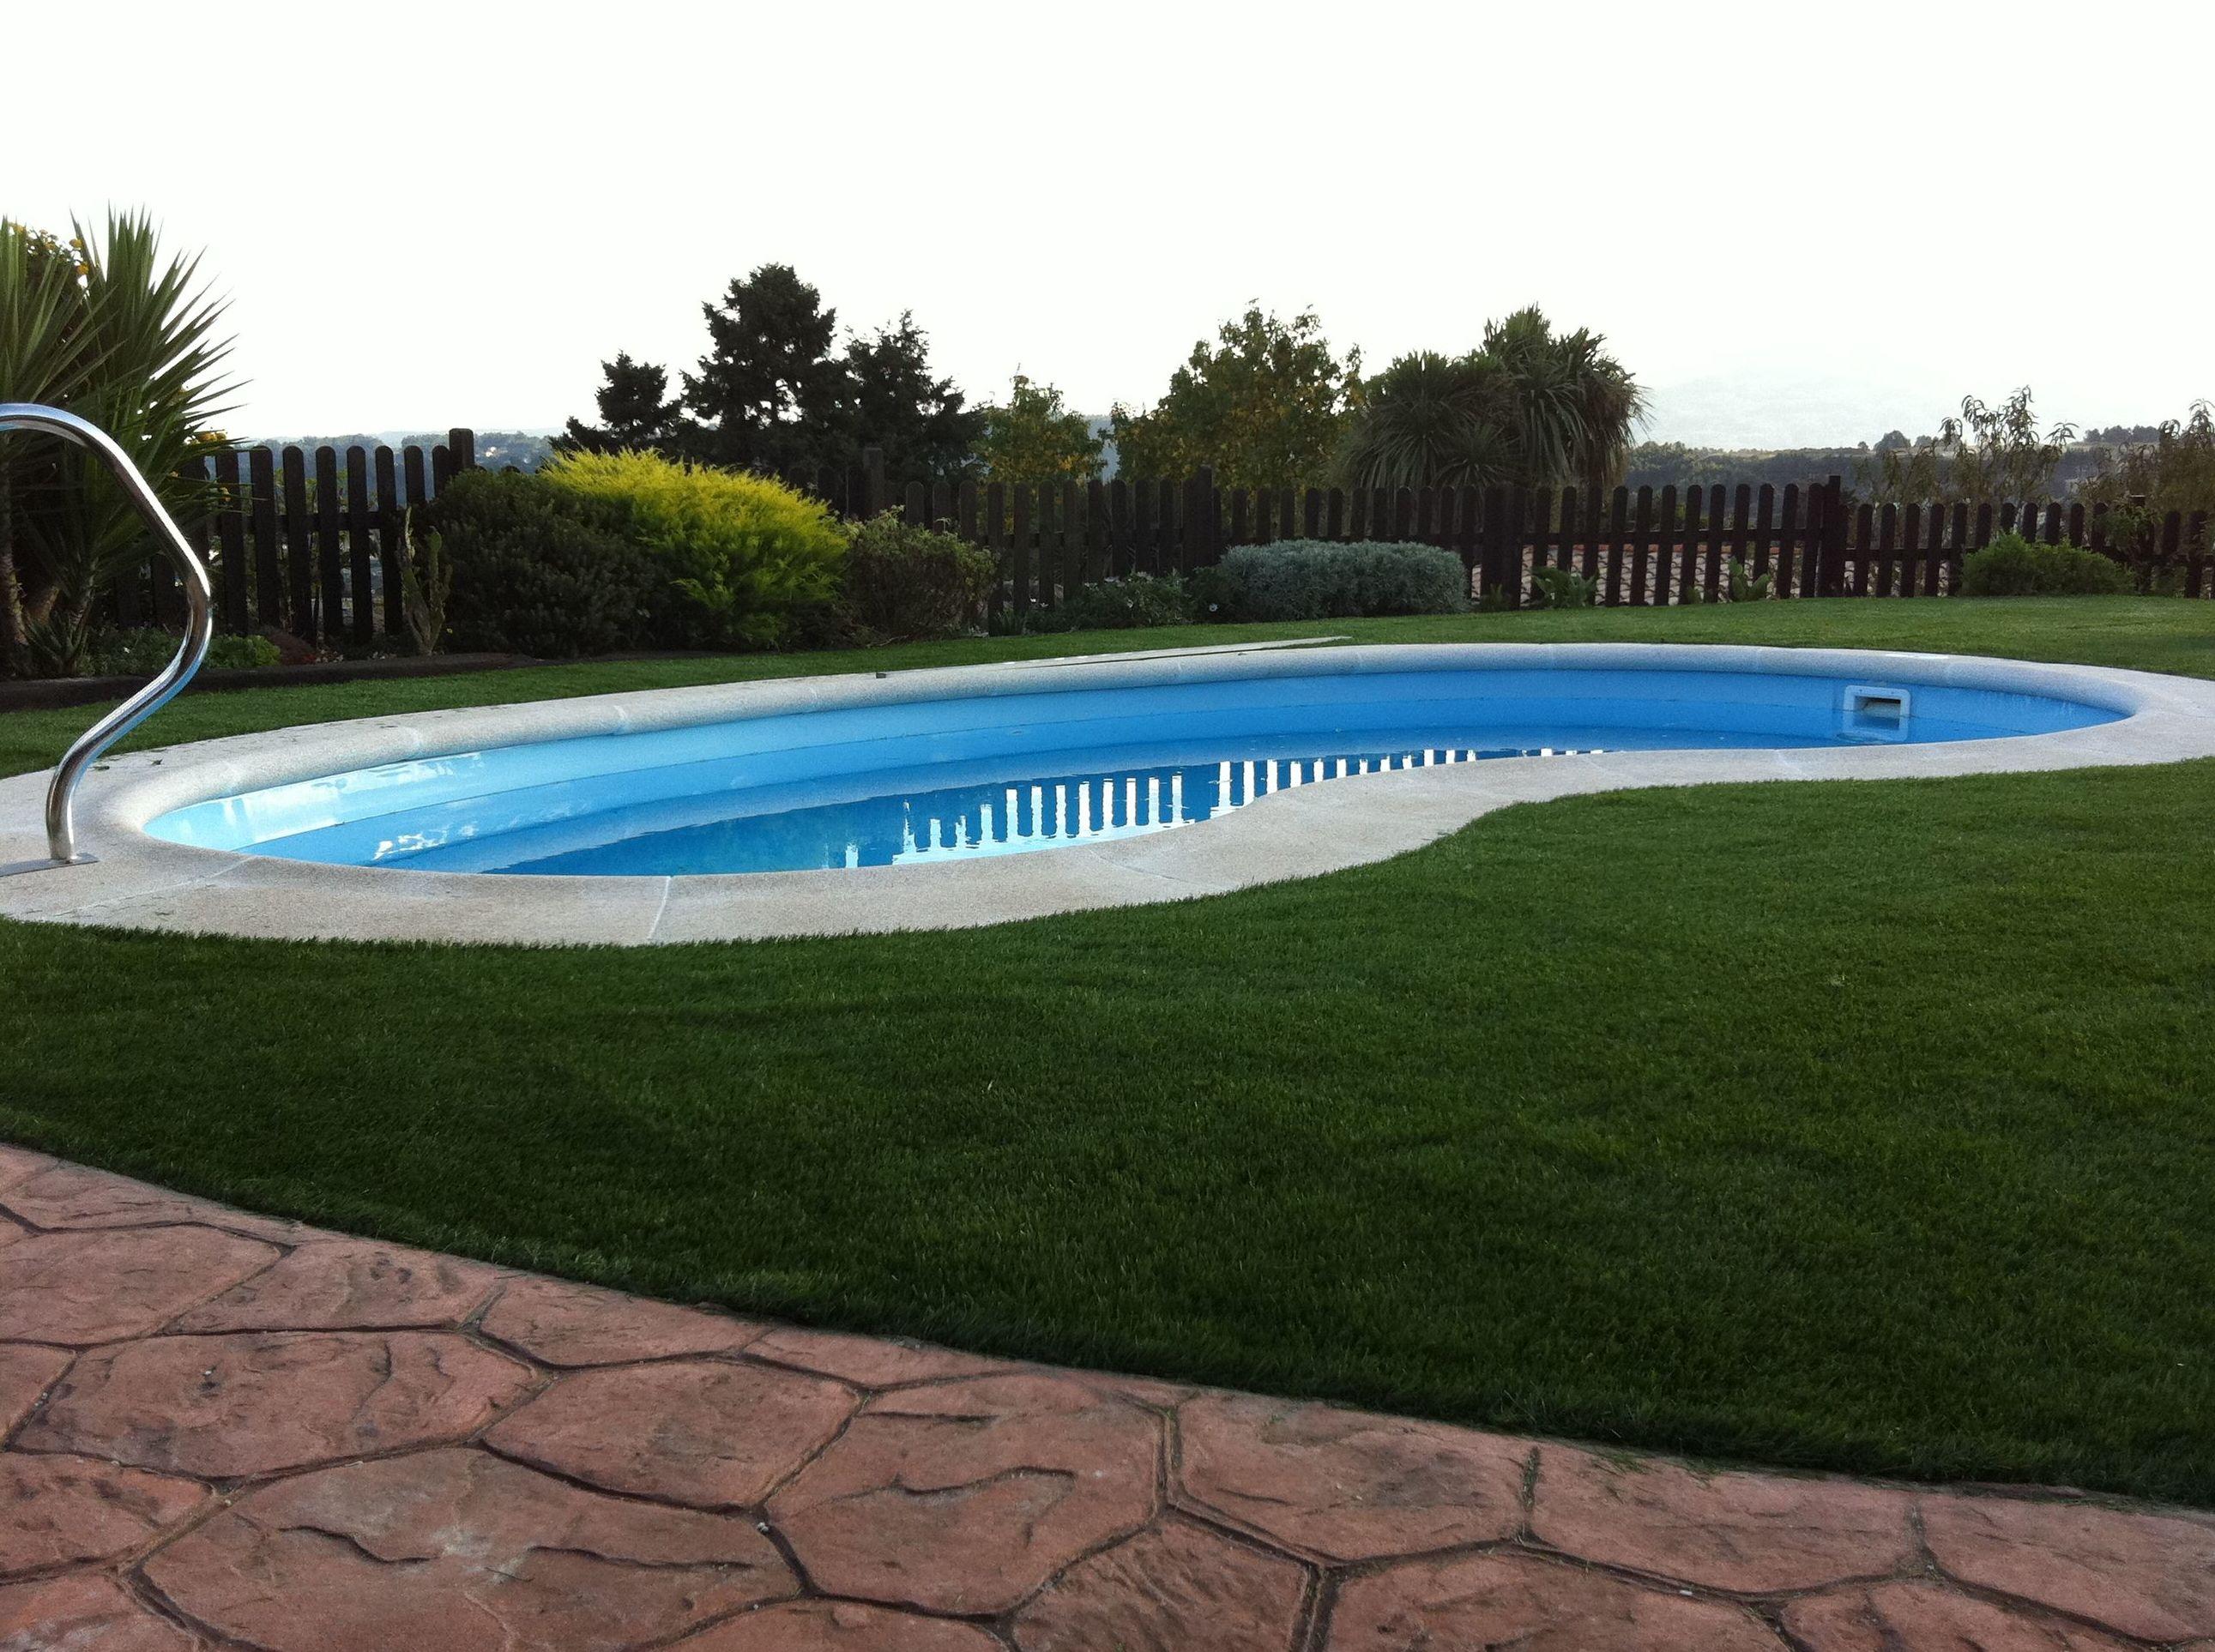 El césped artificial y la piscina